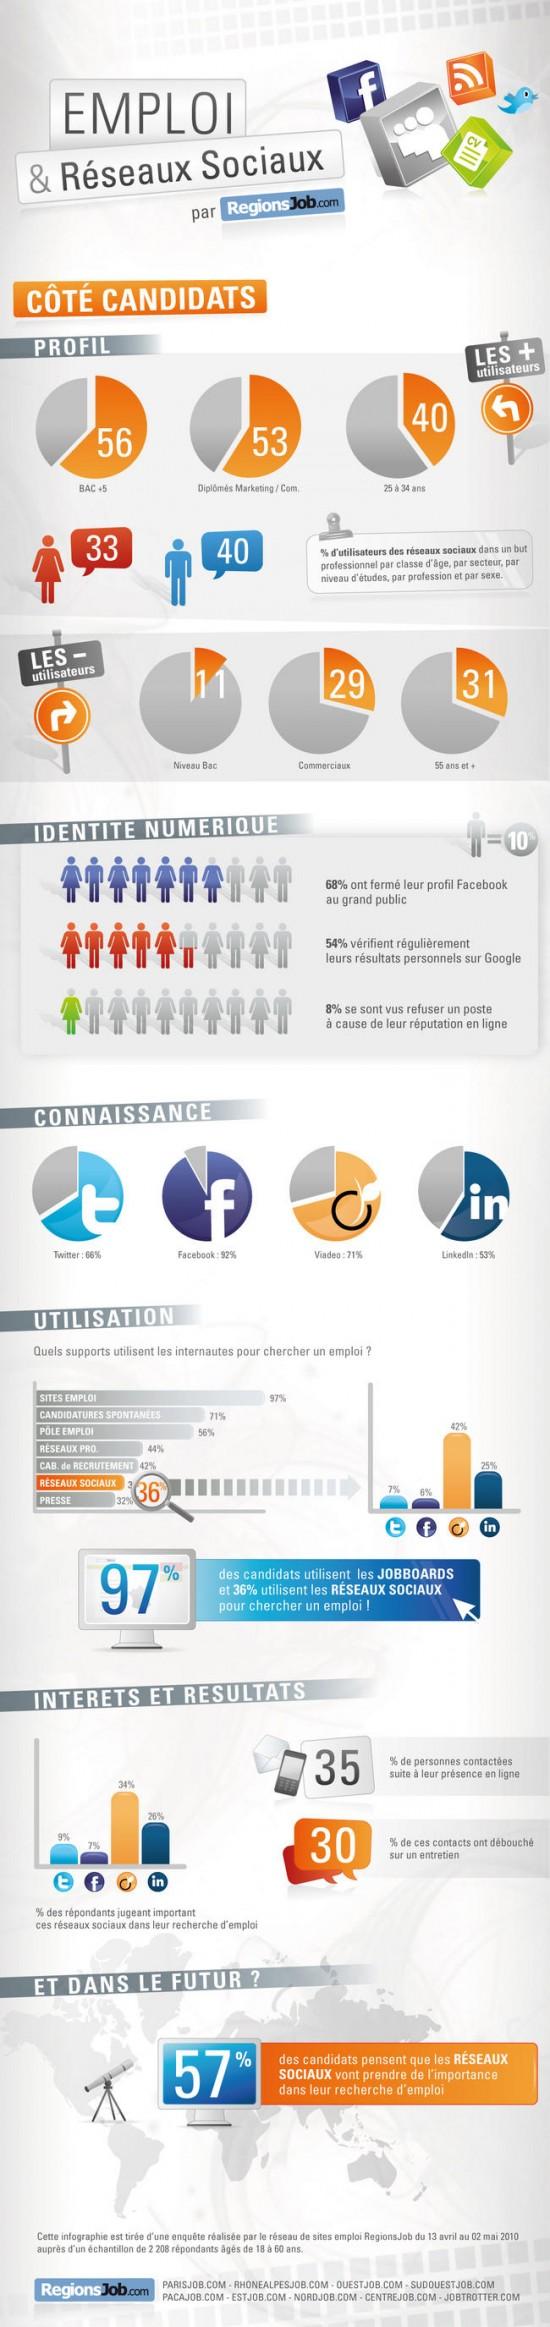 emploi réseaux sociaux